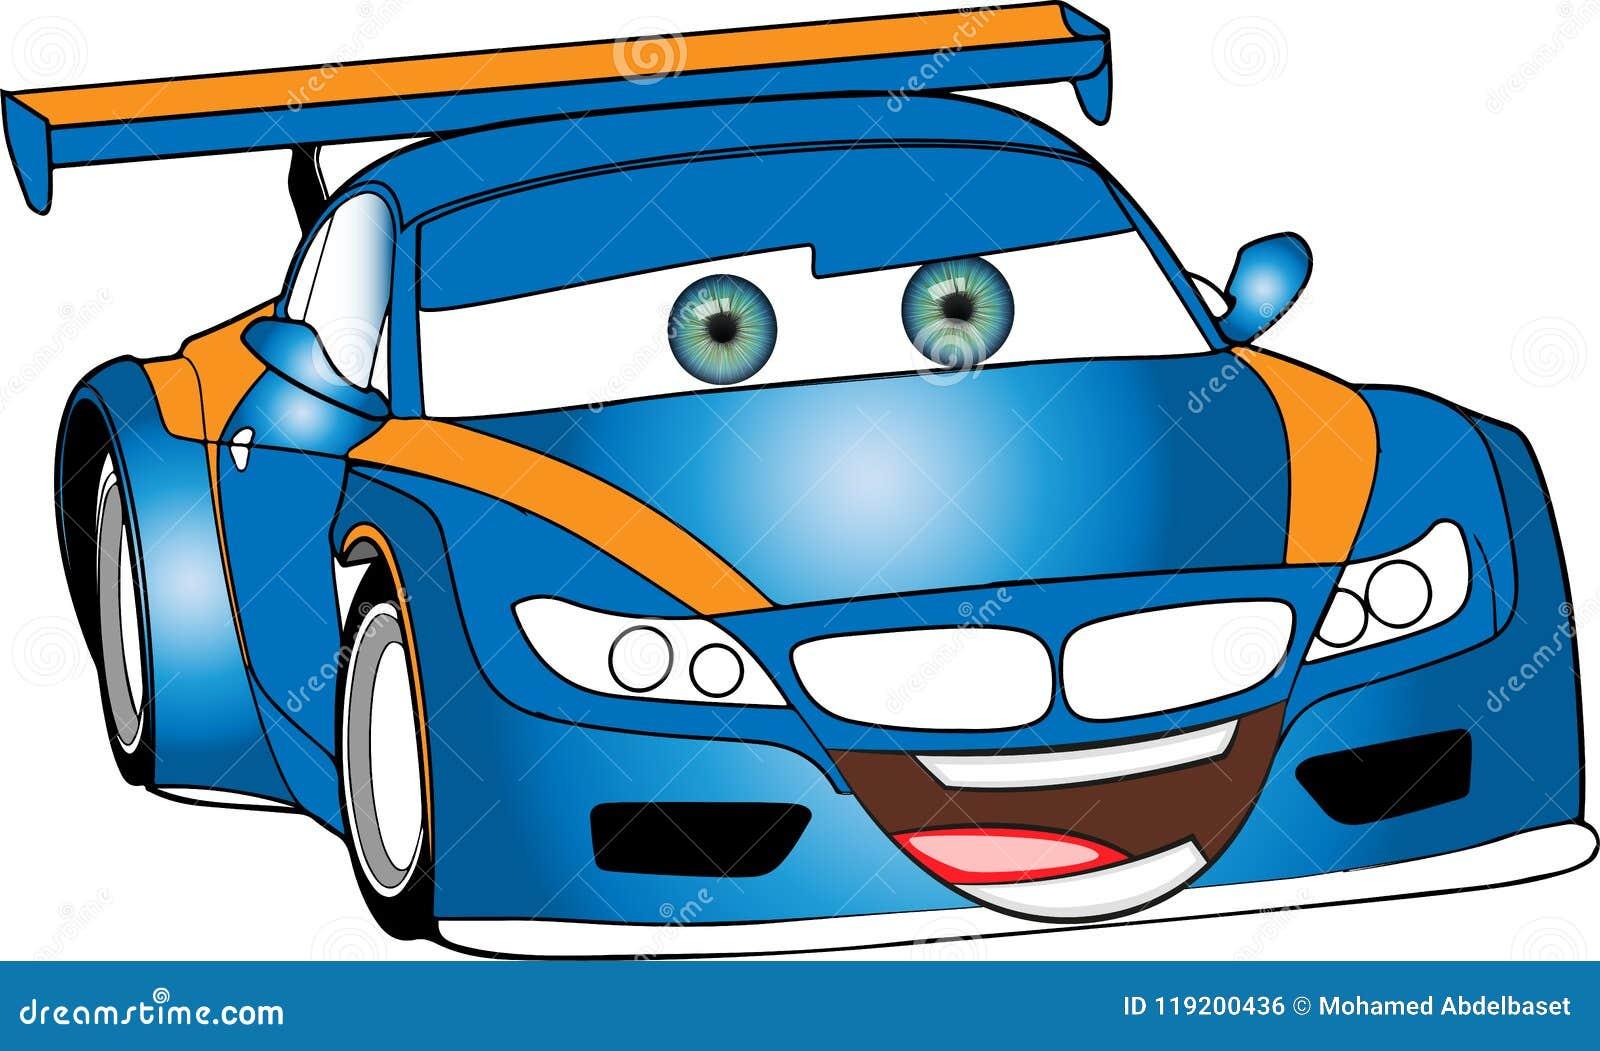 Azul Engracado Carro Colorido Dos Desenhos Animados Ilustracao